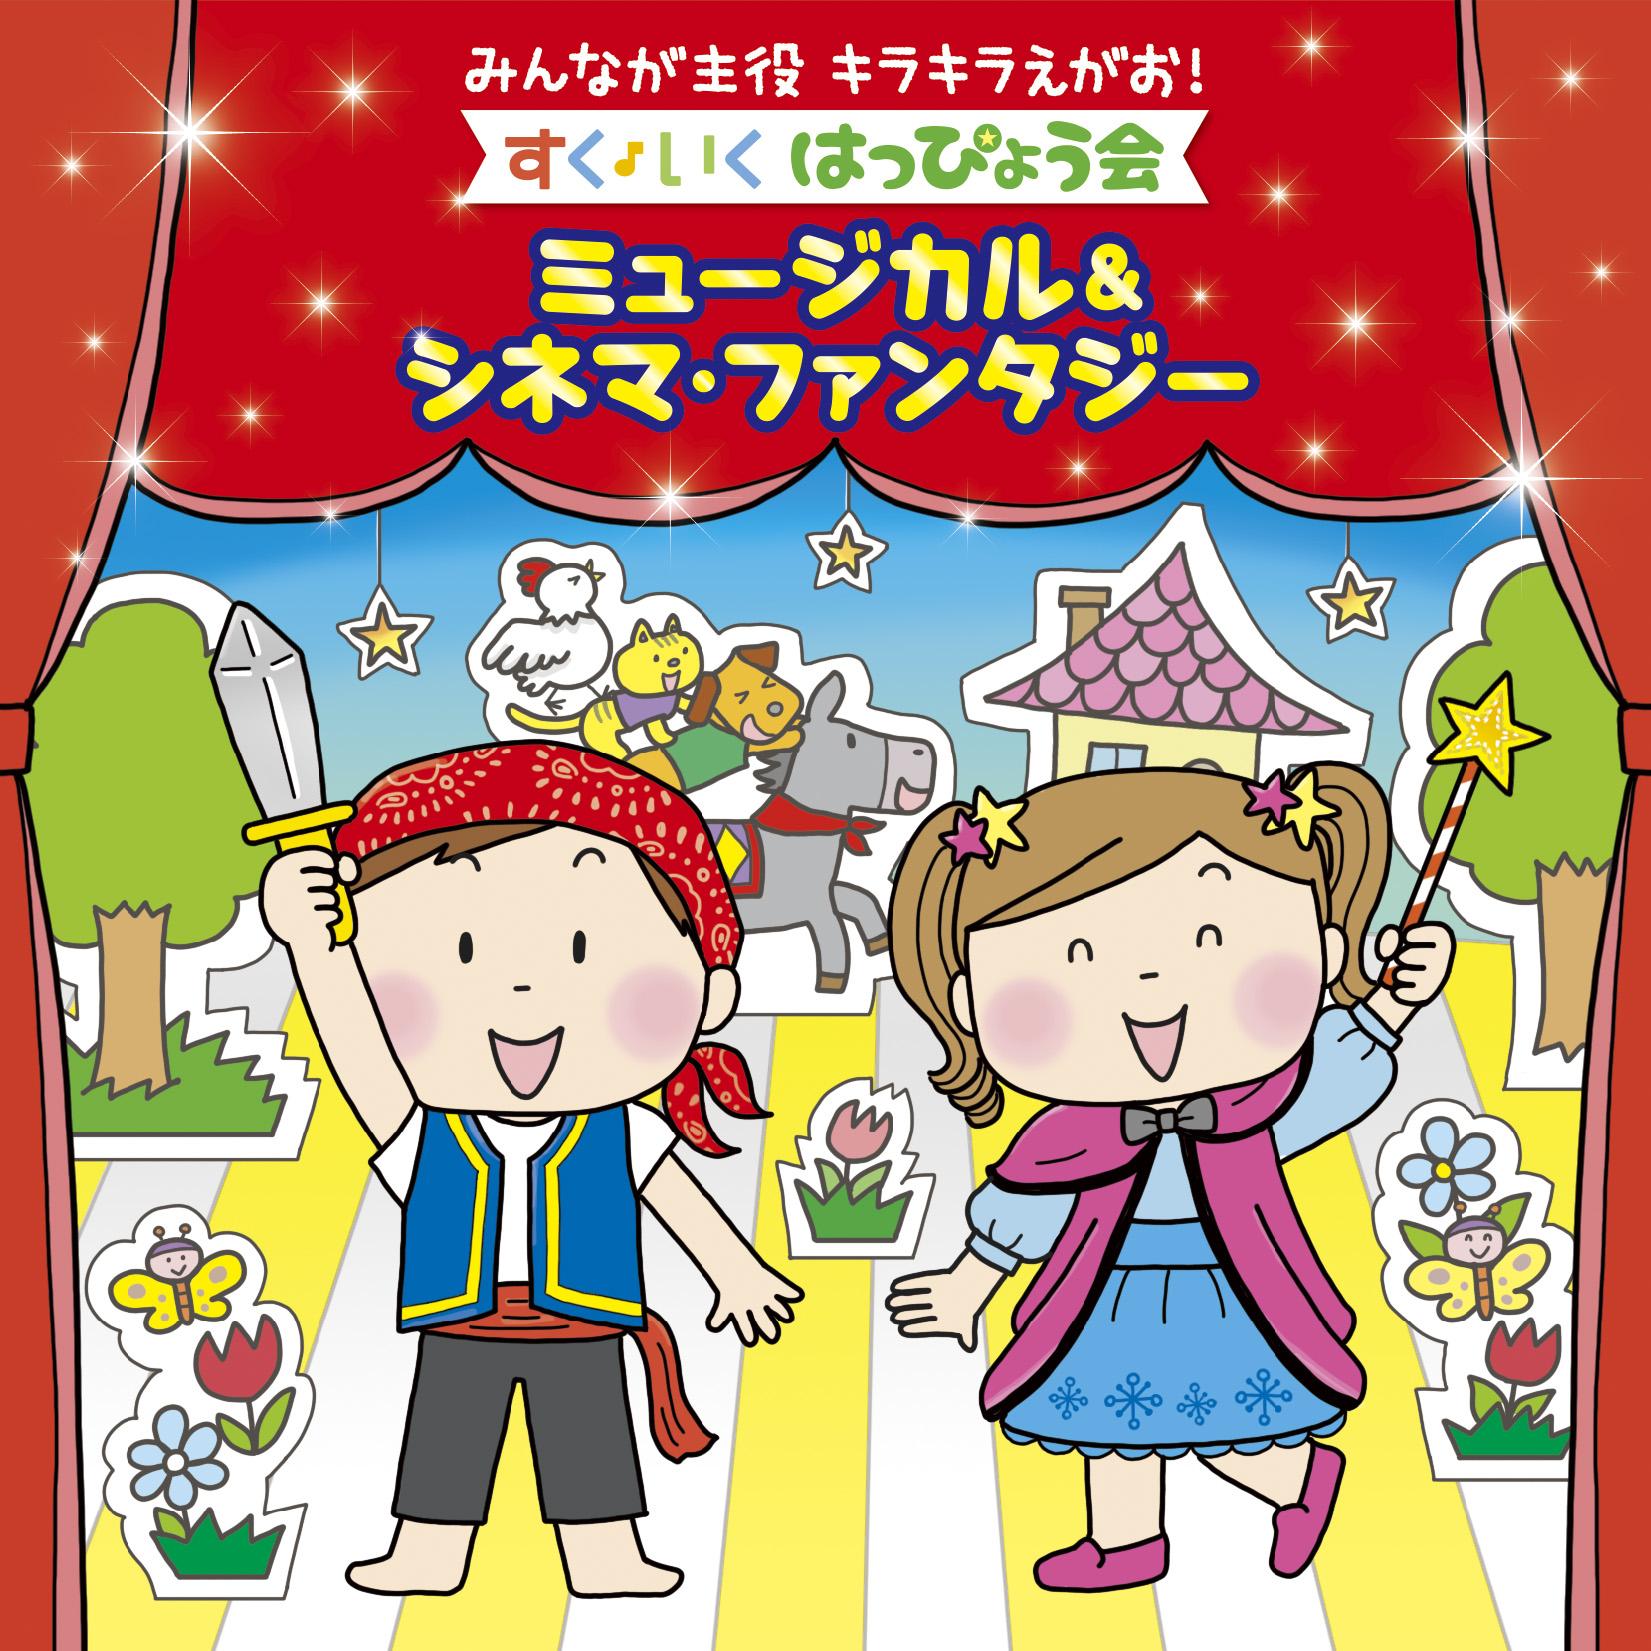 みんなが主役 キラキラえがお! すく♪いく はっぴょう会~ミュージカル&シネマ・ファンタジー~